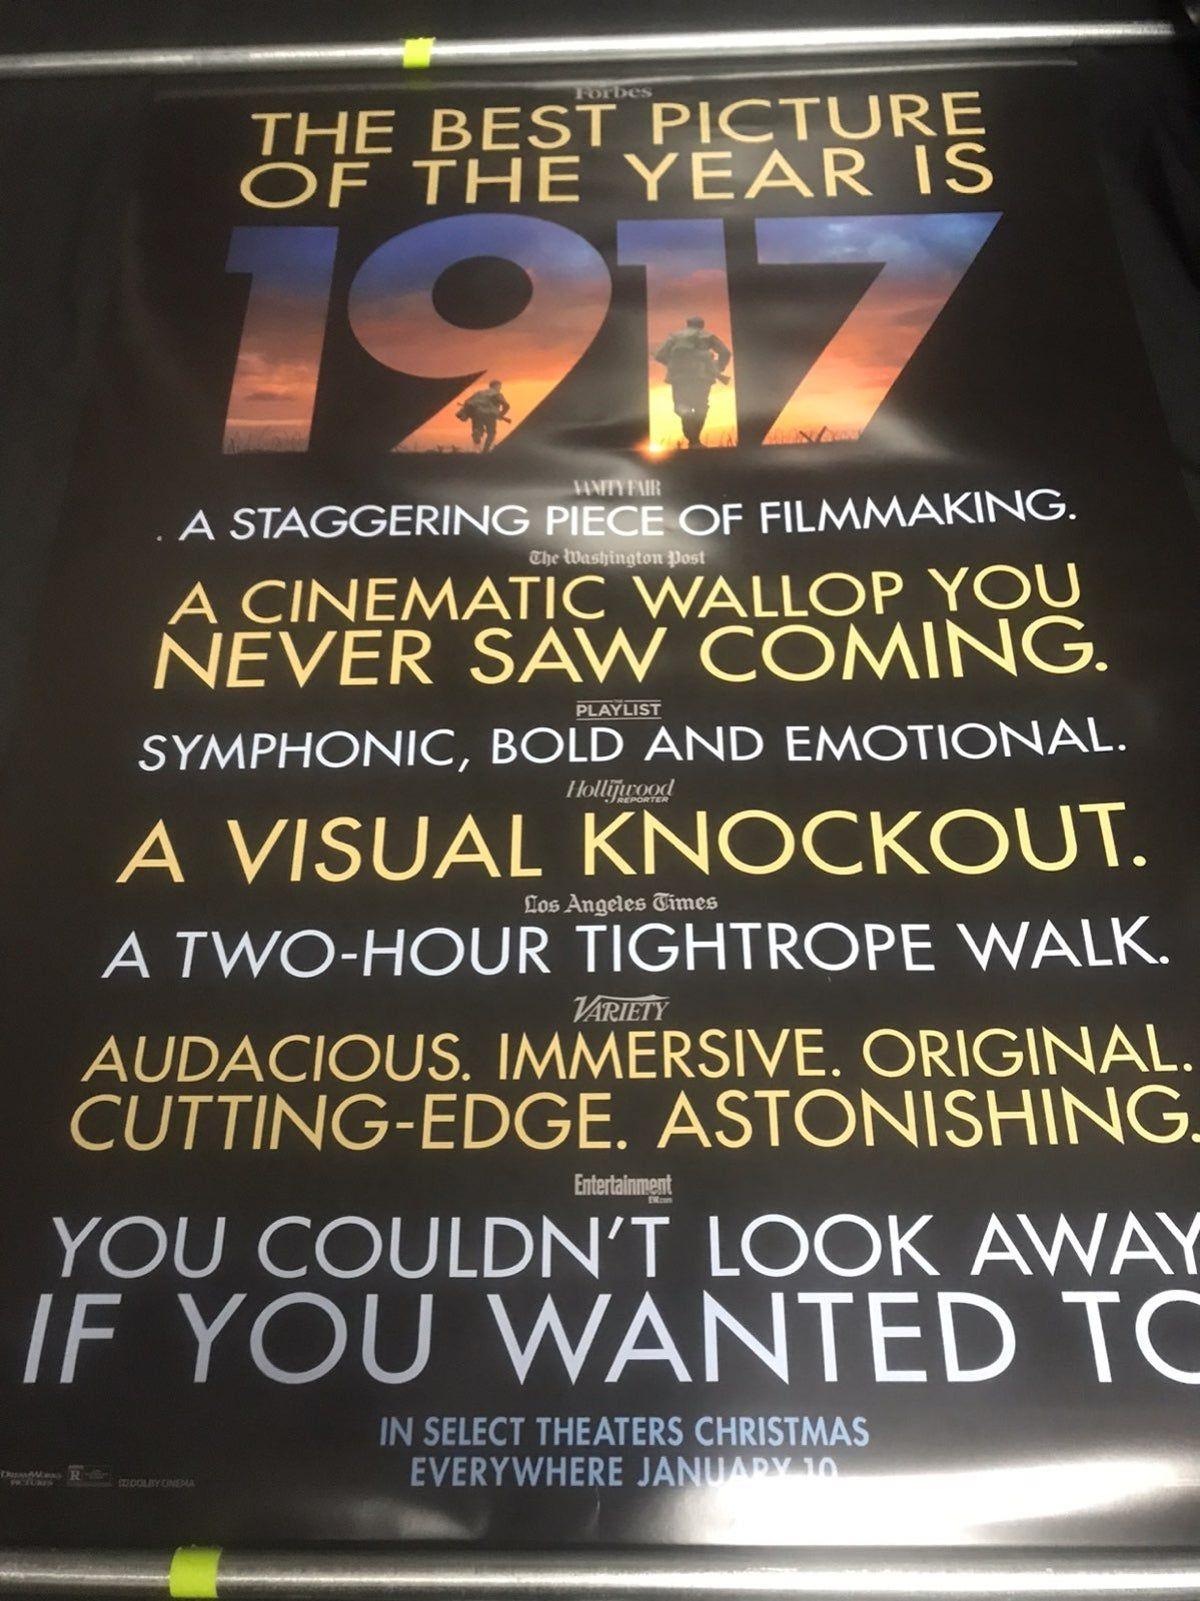 1917 Movie Poster Movies Movie Posters Good Movies